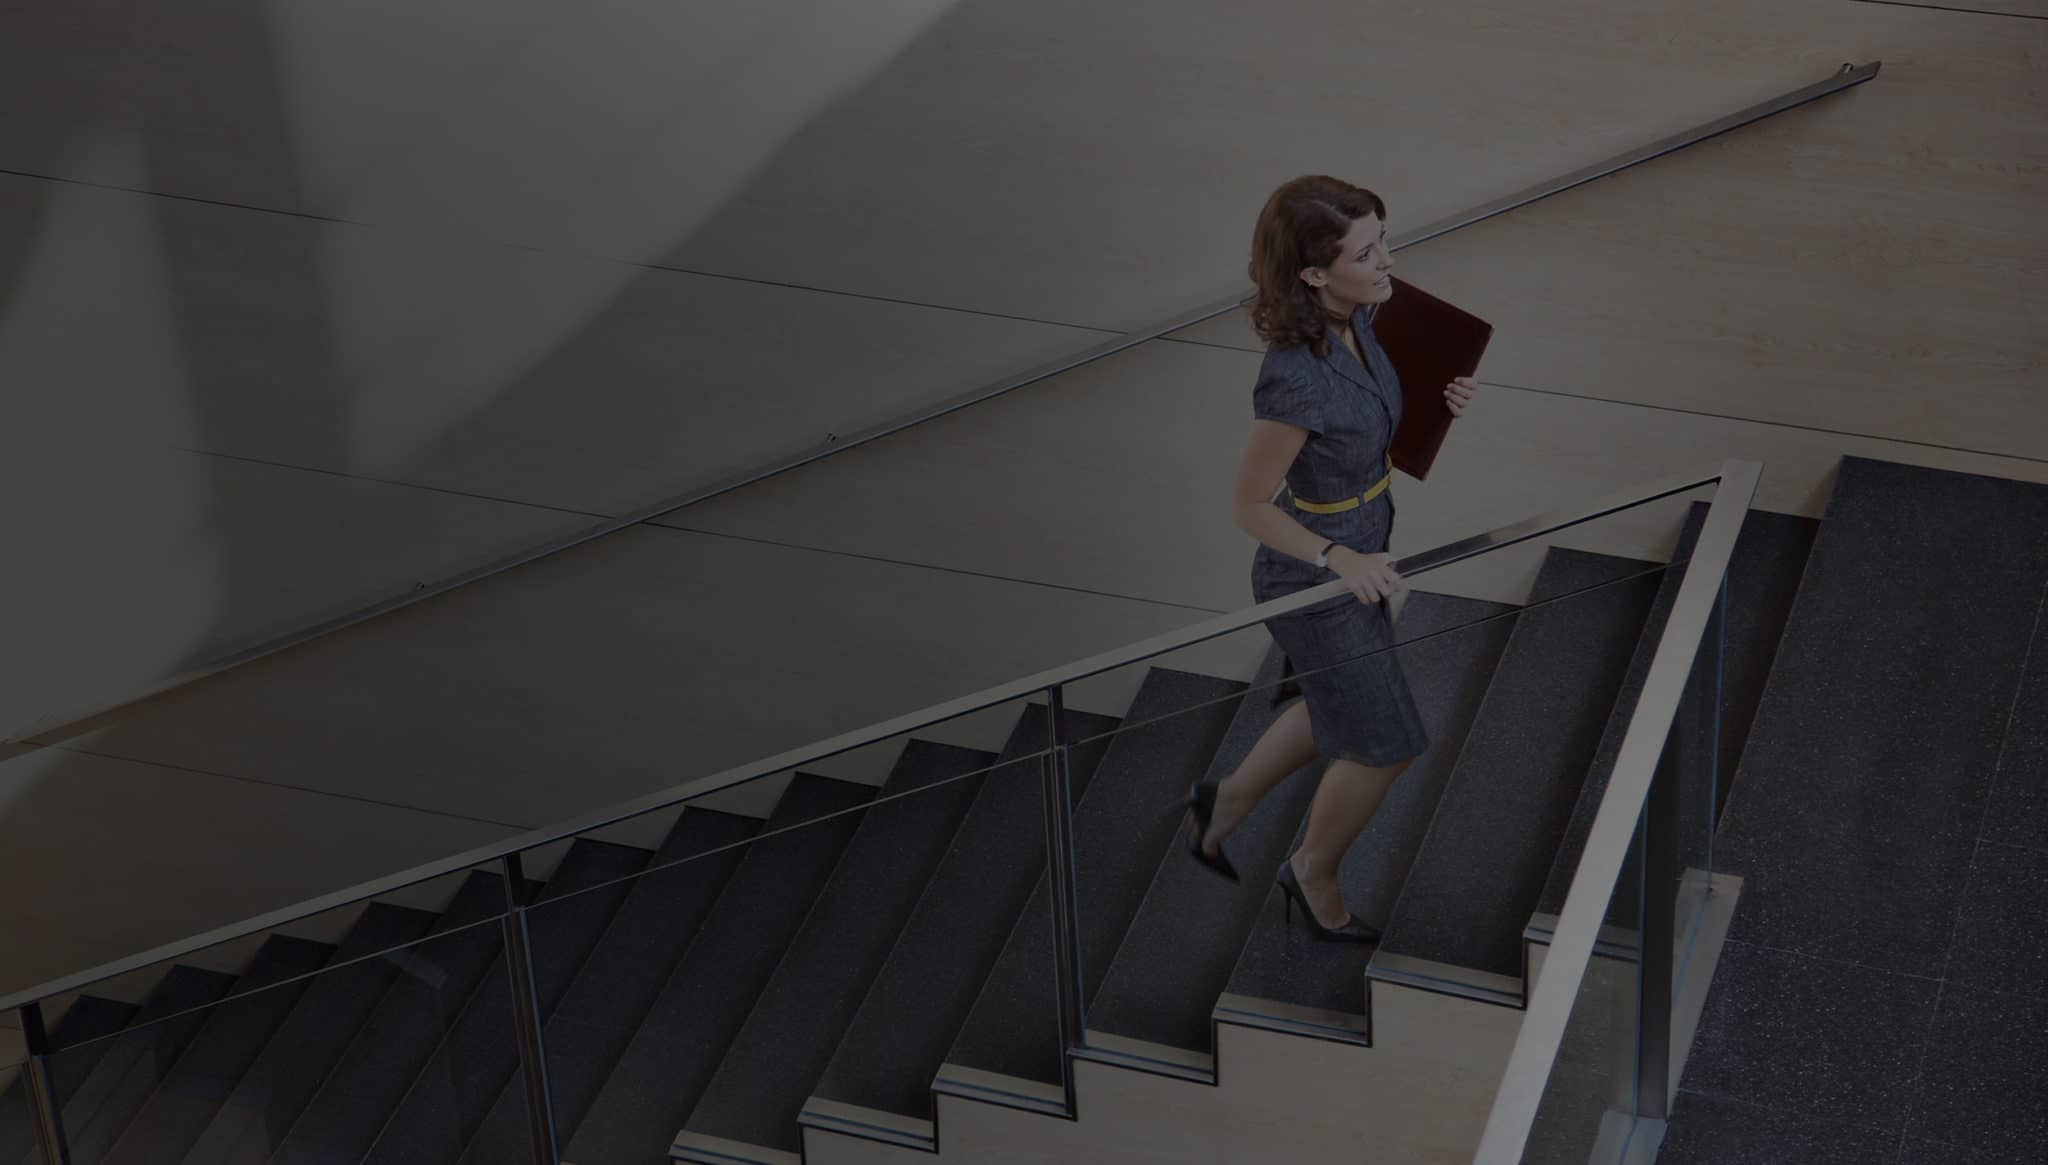 Walking stairs